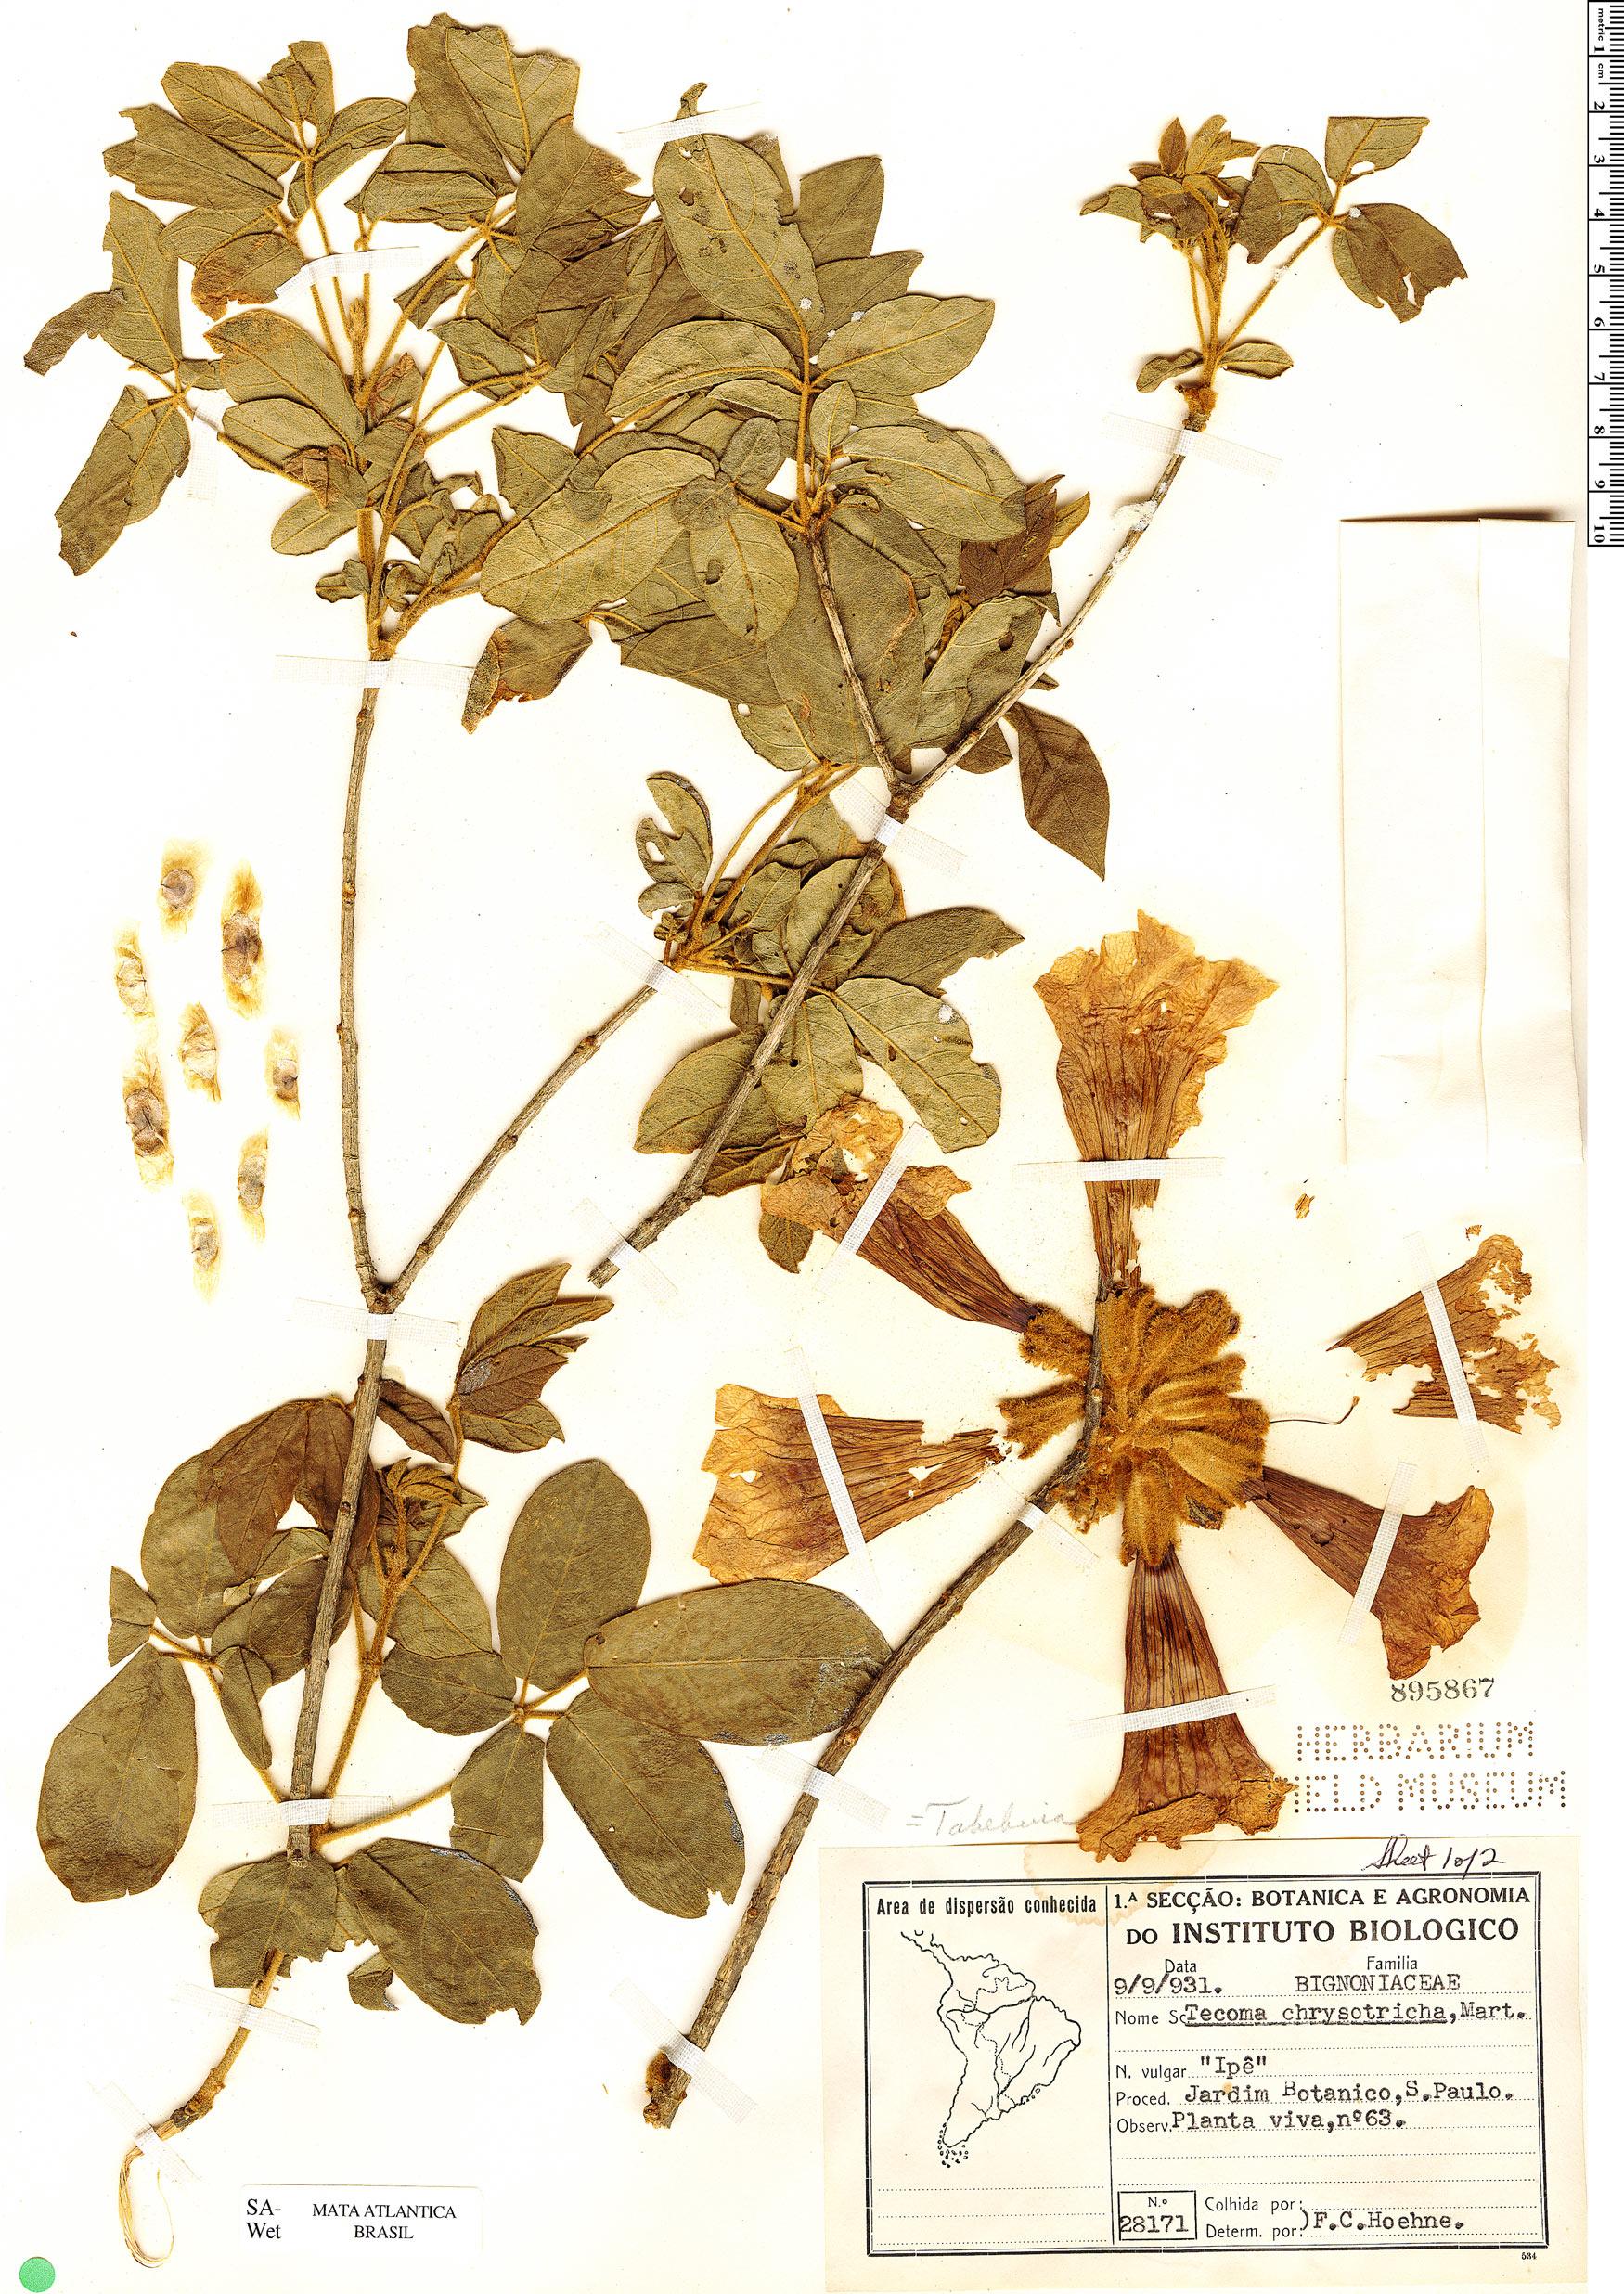 Specimen: Handroanthus chrysotrichus